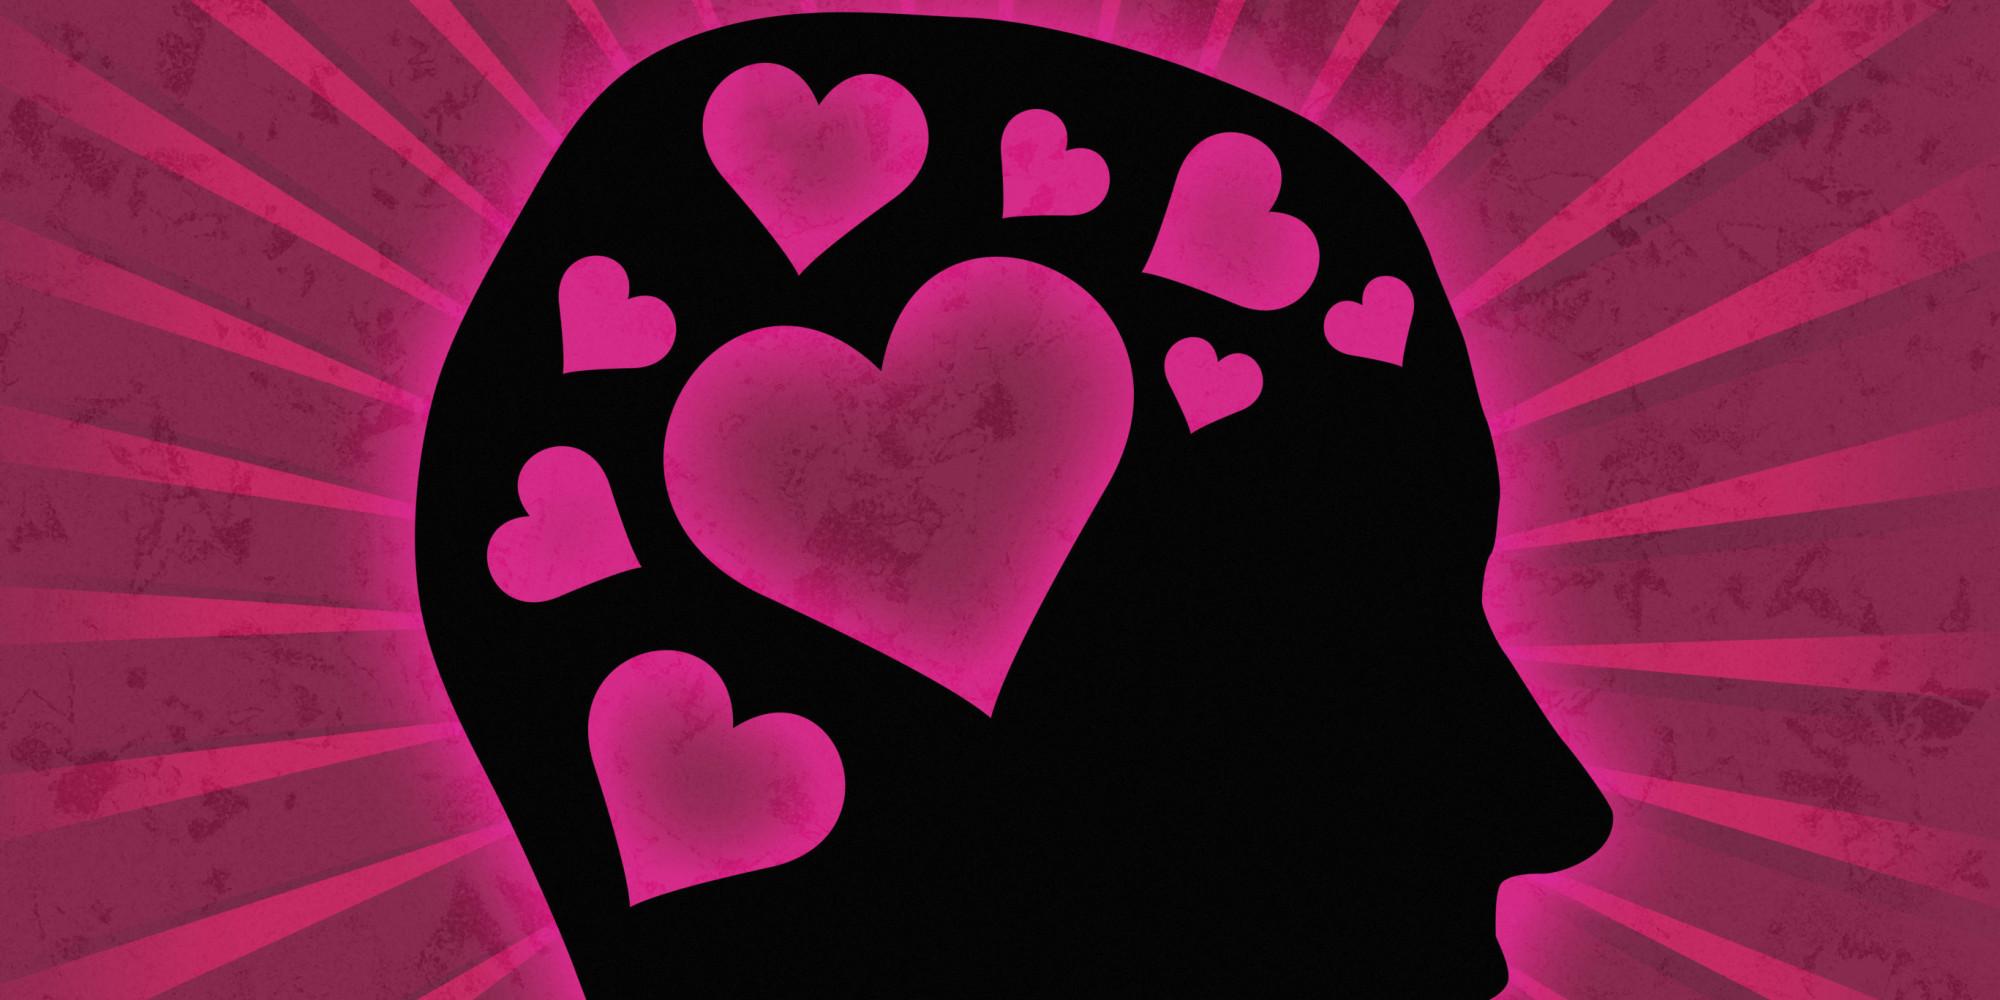 E' vero amore? Una Rm cerebrale lo rivelerà